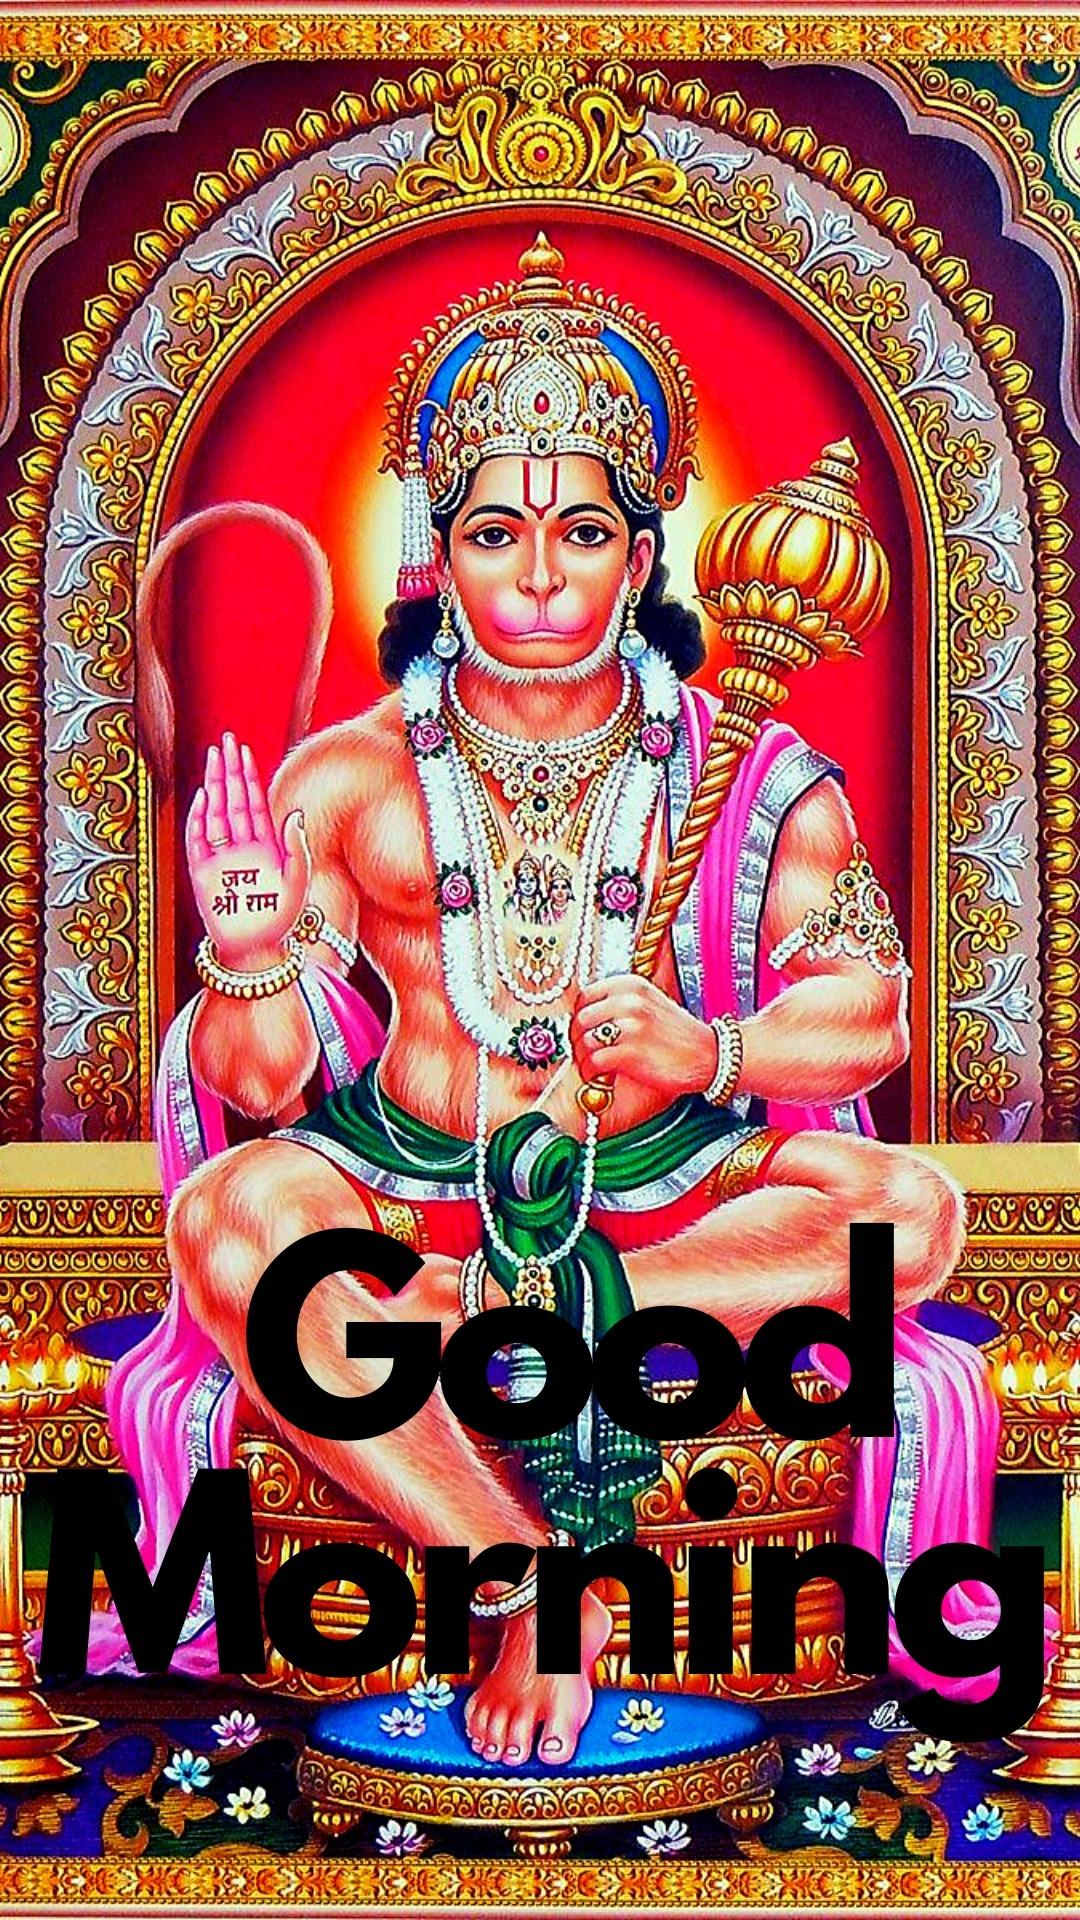 good morning images with hanuman ji